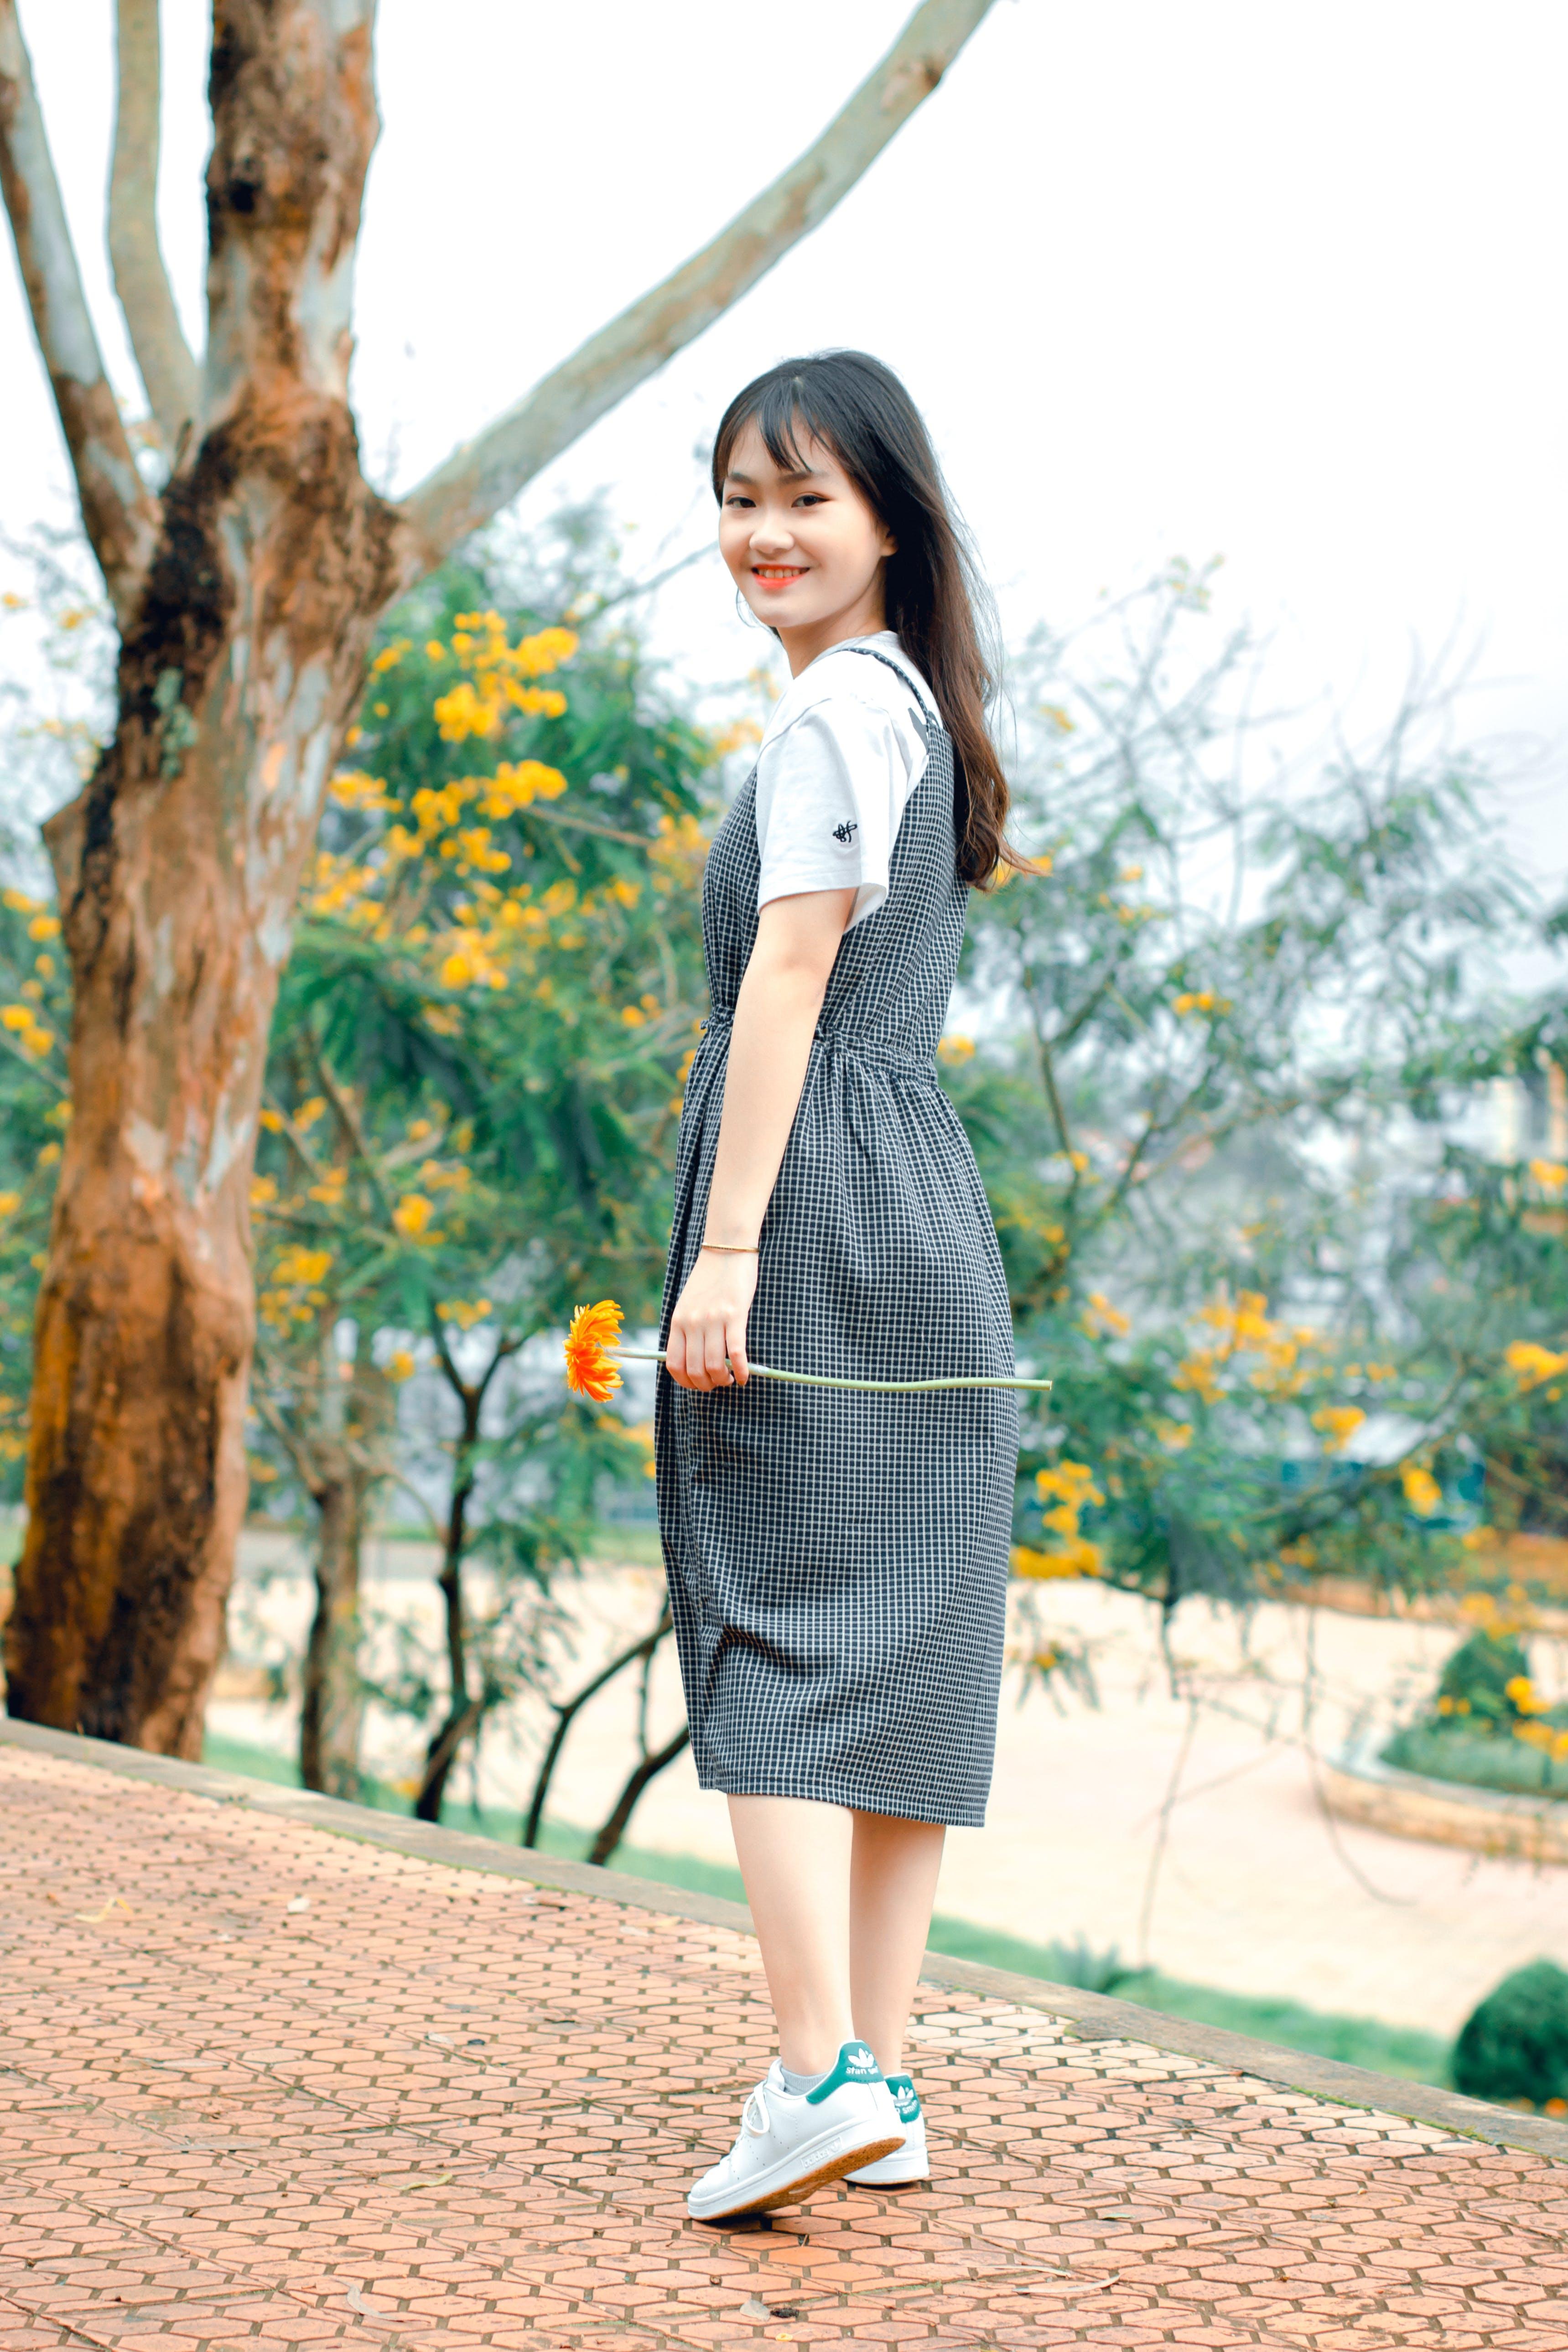 Free stock photo of Asian, asian girl, dress, flower